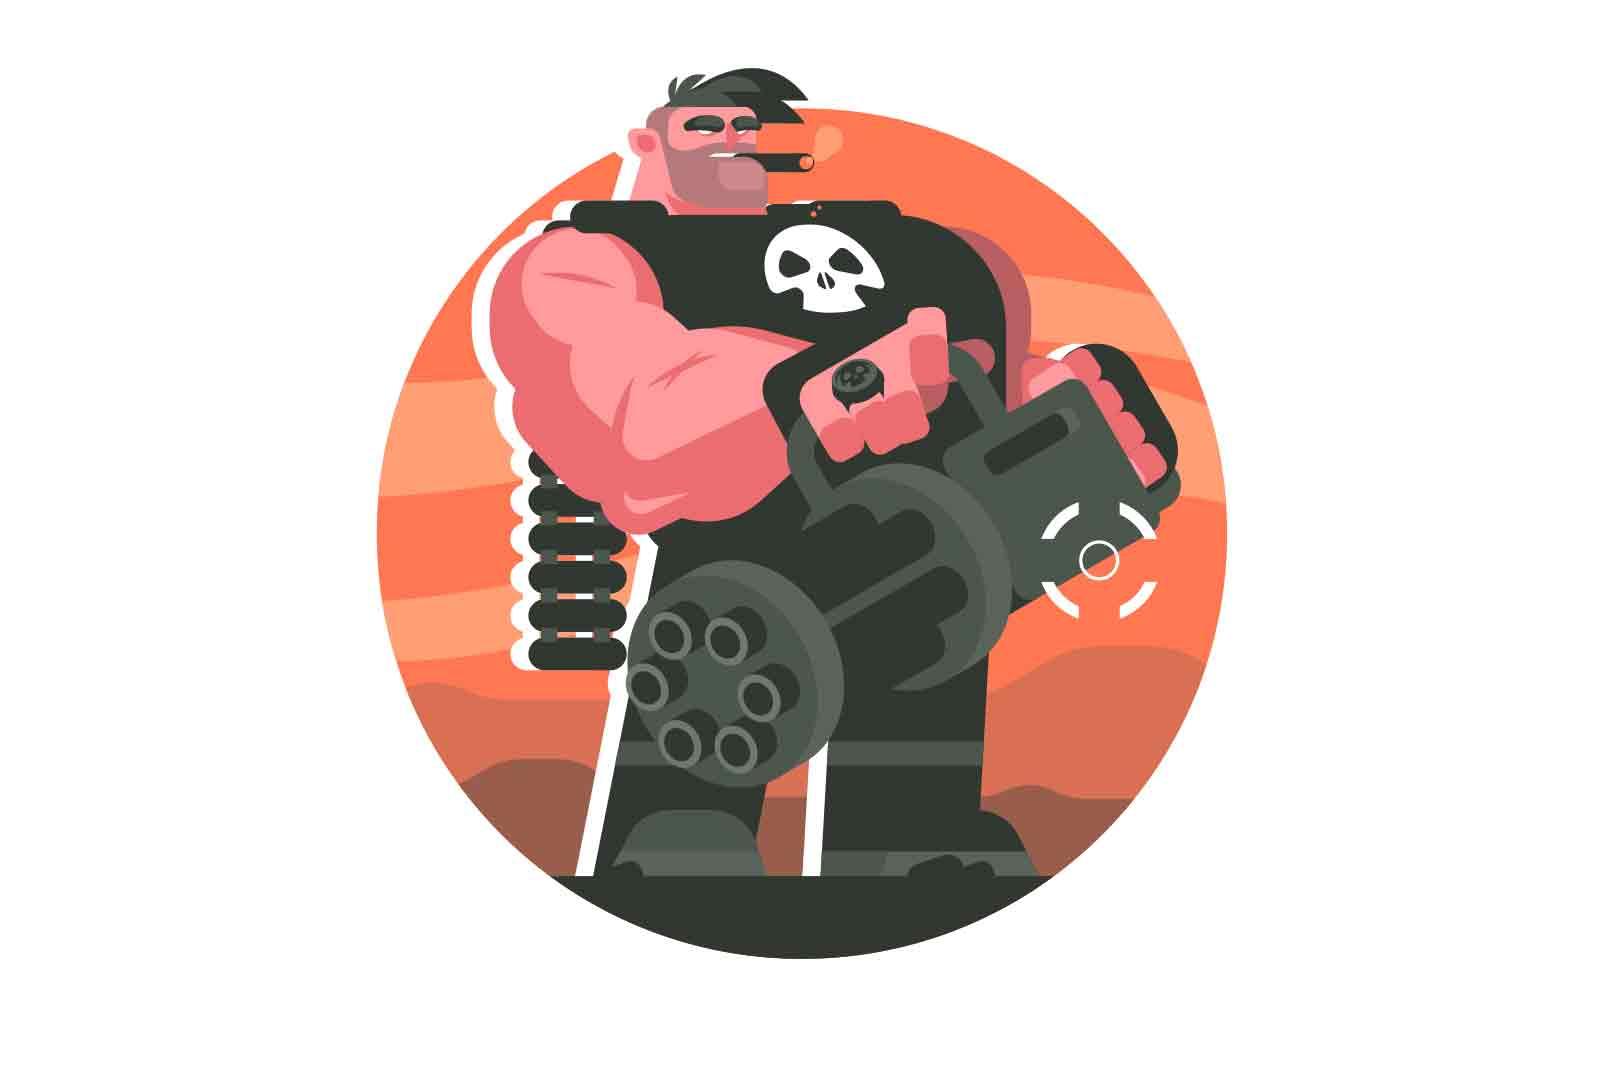 Brutal machine gunner on battle field vector illustration. Cruel smoking man soldier holding machine gun flat style concept. Warrior and war idea